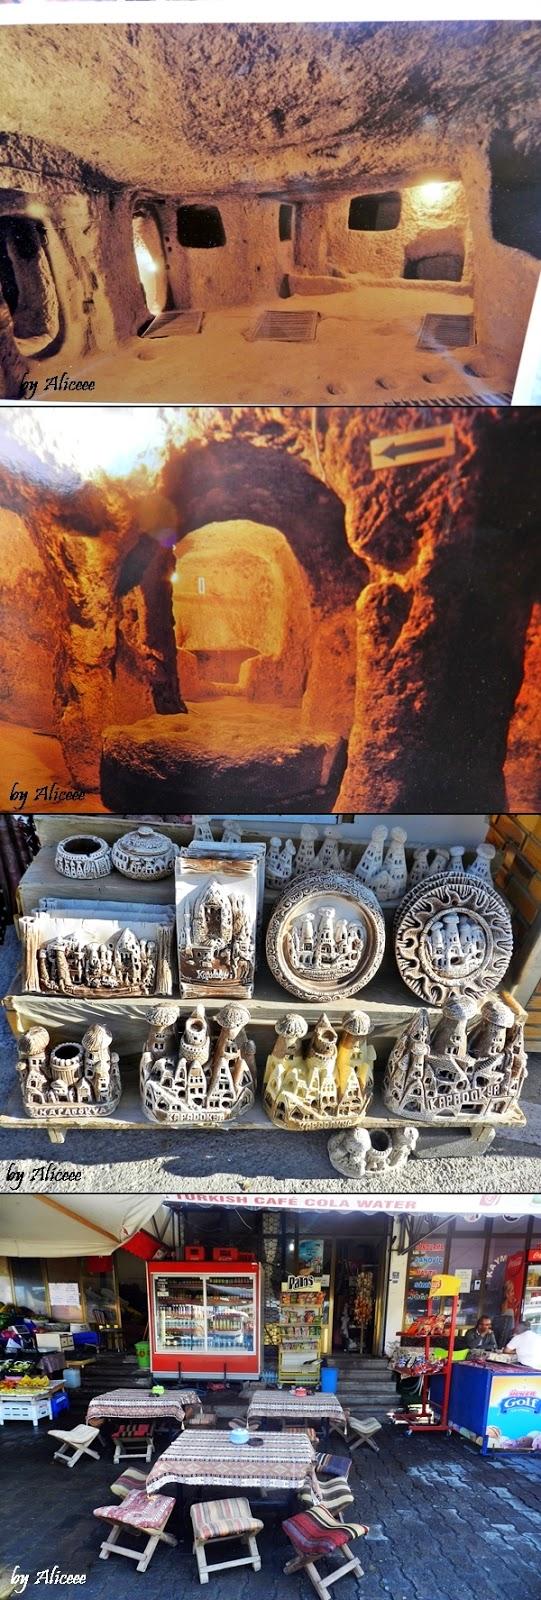 Kaymakli-oras-subteran-turcia